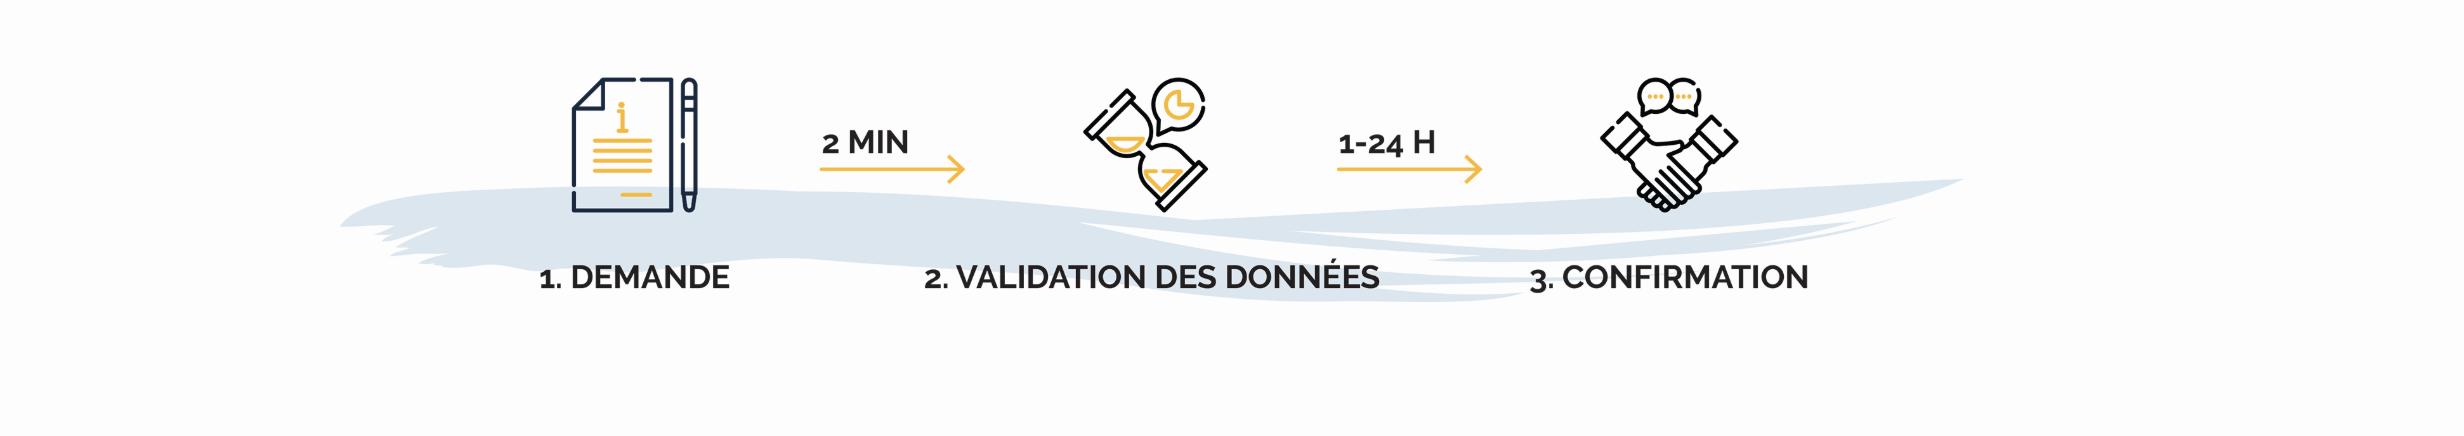 LEI FRANCE – DEMANDEZ VOTRE CODE LEI AVANT 17 H ET RECEVEZ-LE AUJOURD'HUI